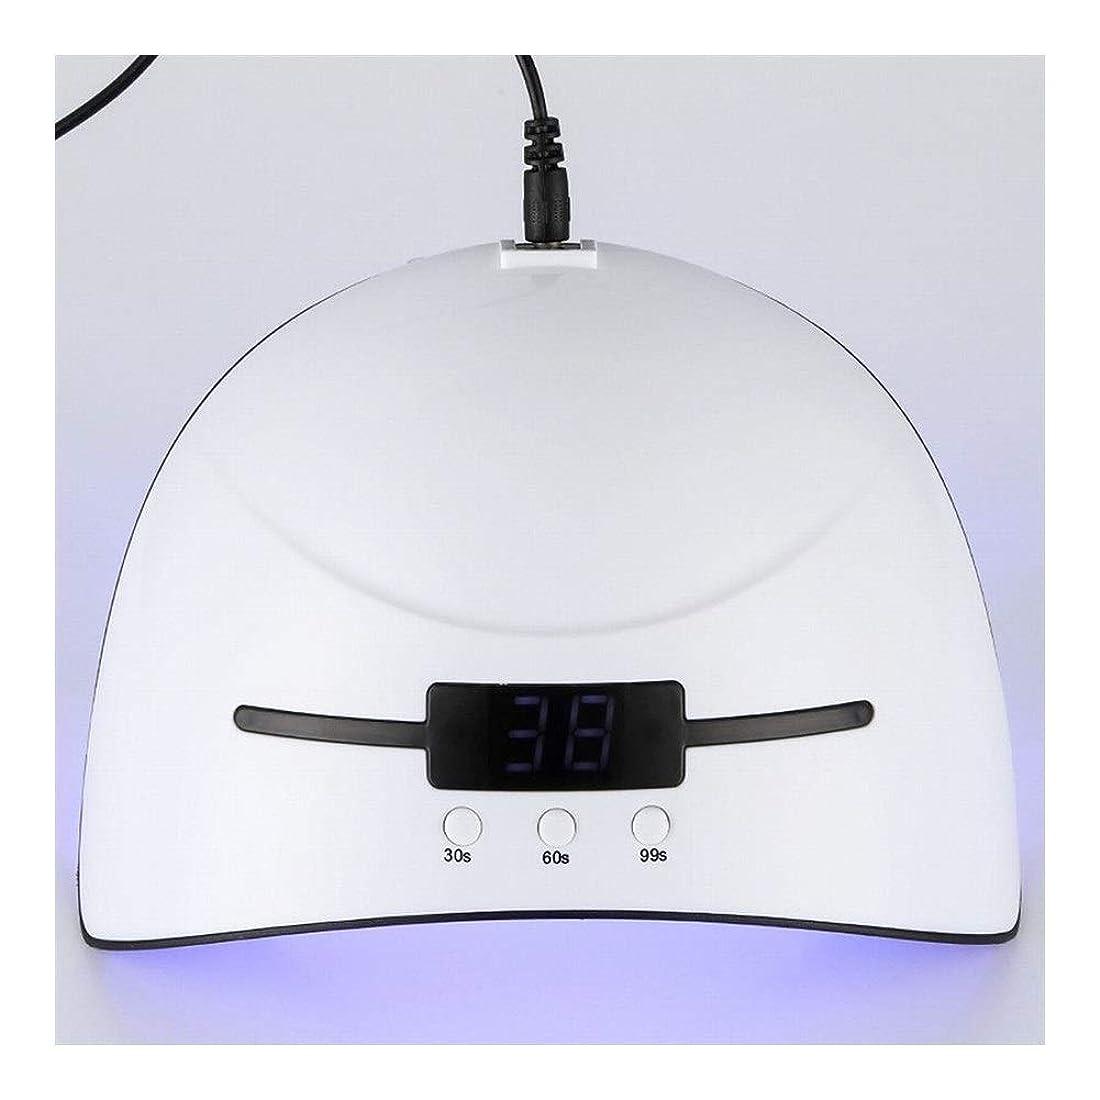 トリップ里親葉を拾うYESONEEP ネイル光線療法機36ワットインテリジェント誘導ledドライヤーネイルポリッシュ光線療法のりマニキュア光線処理焼くライトツール (Size : 36W)